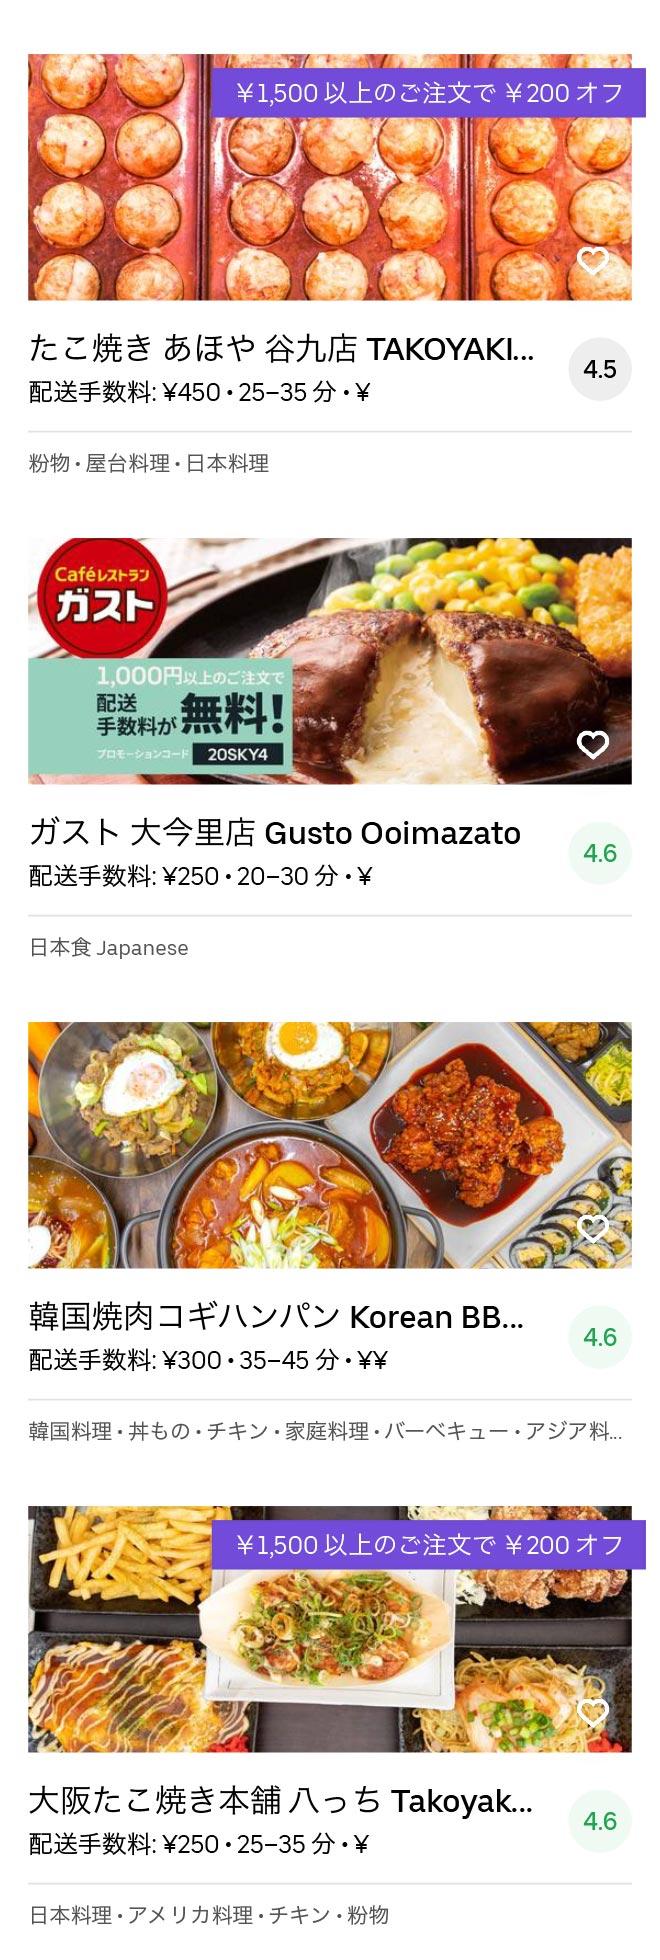 Higashi osaka fuse menu 2005 12